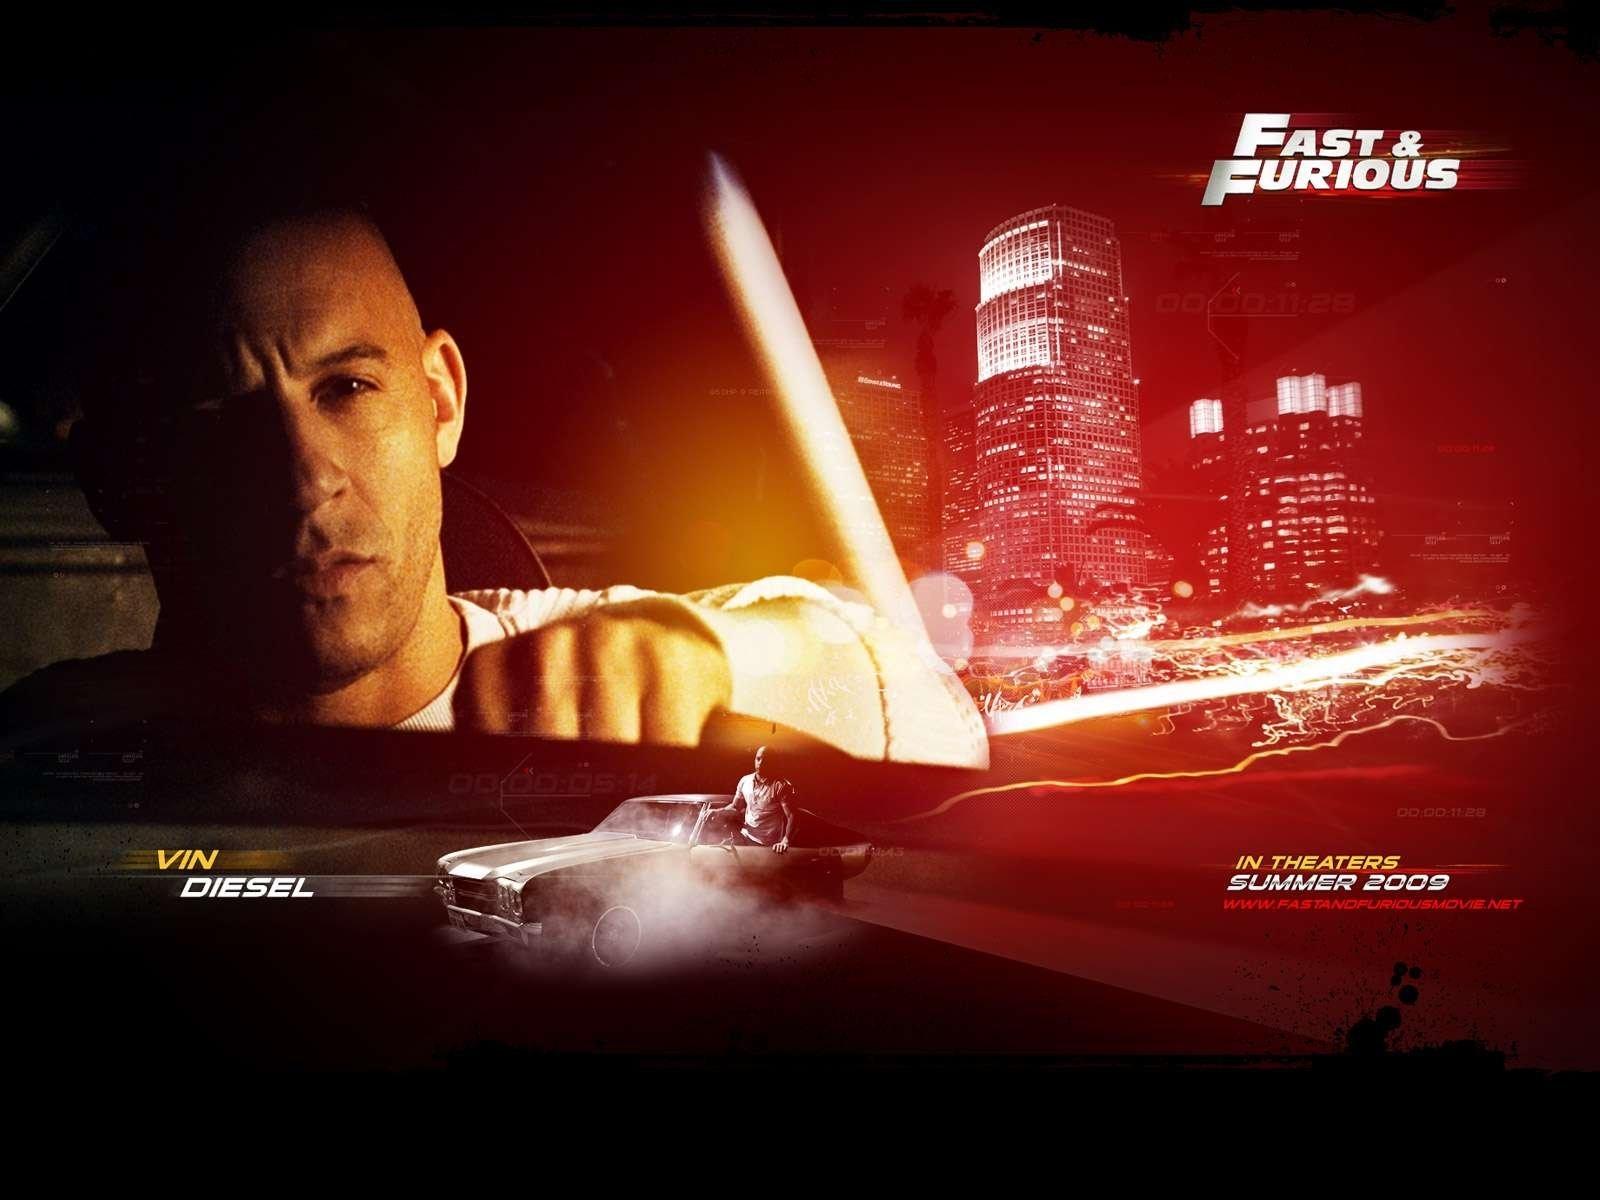 1266 скачать обои Кино, Мужчины, Вин Дизель (Vin Diesel), Форсаж (Fast & Furious) - заставки и картинки бесплатно